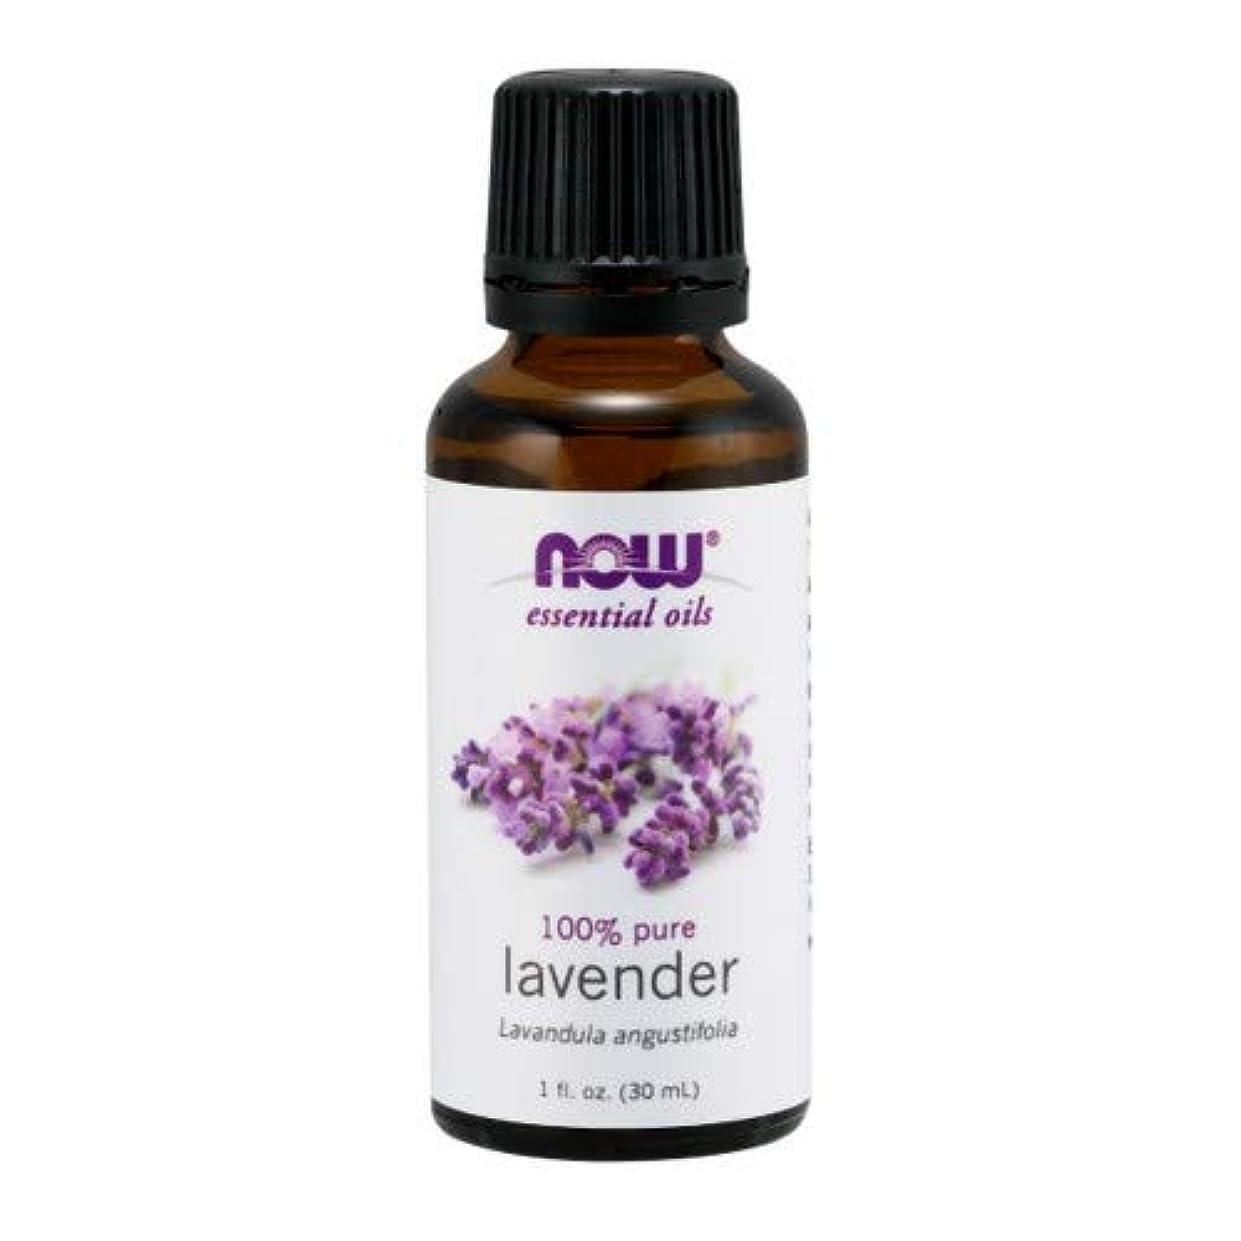 夕方ブルゴーニュキラウエア山エッセンシャルオイル ラベンダーオイル 30ml 2個セット ナウフーズ 並行輸入品 NOW Foods Essential Oils Lavender 1 oz Pack of 2